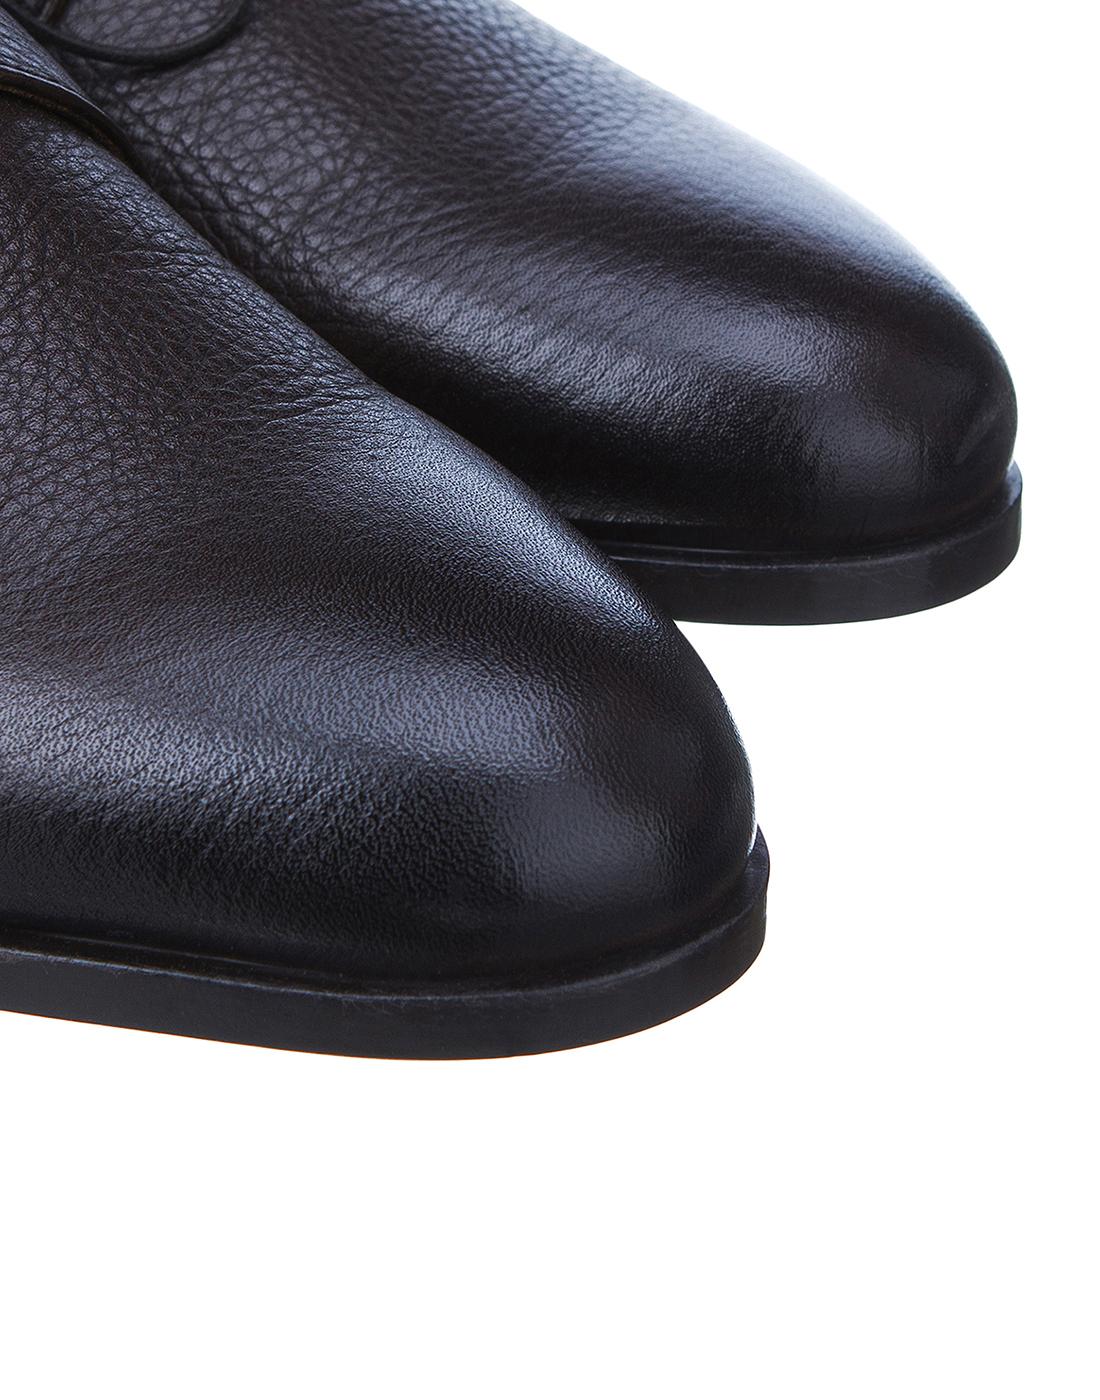 Туфли коричневые мужские Doucal's SU1252 019-4